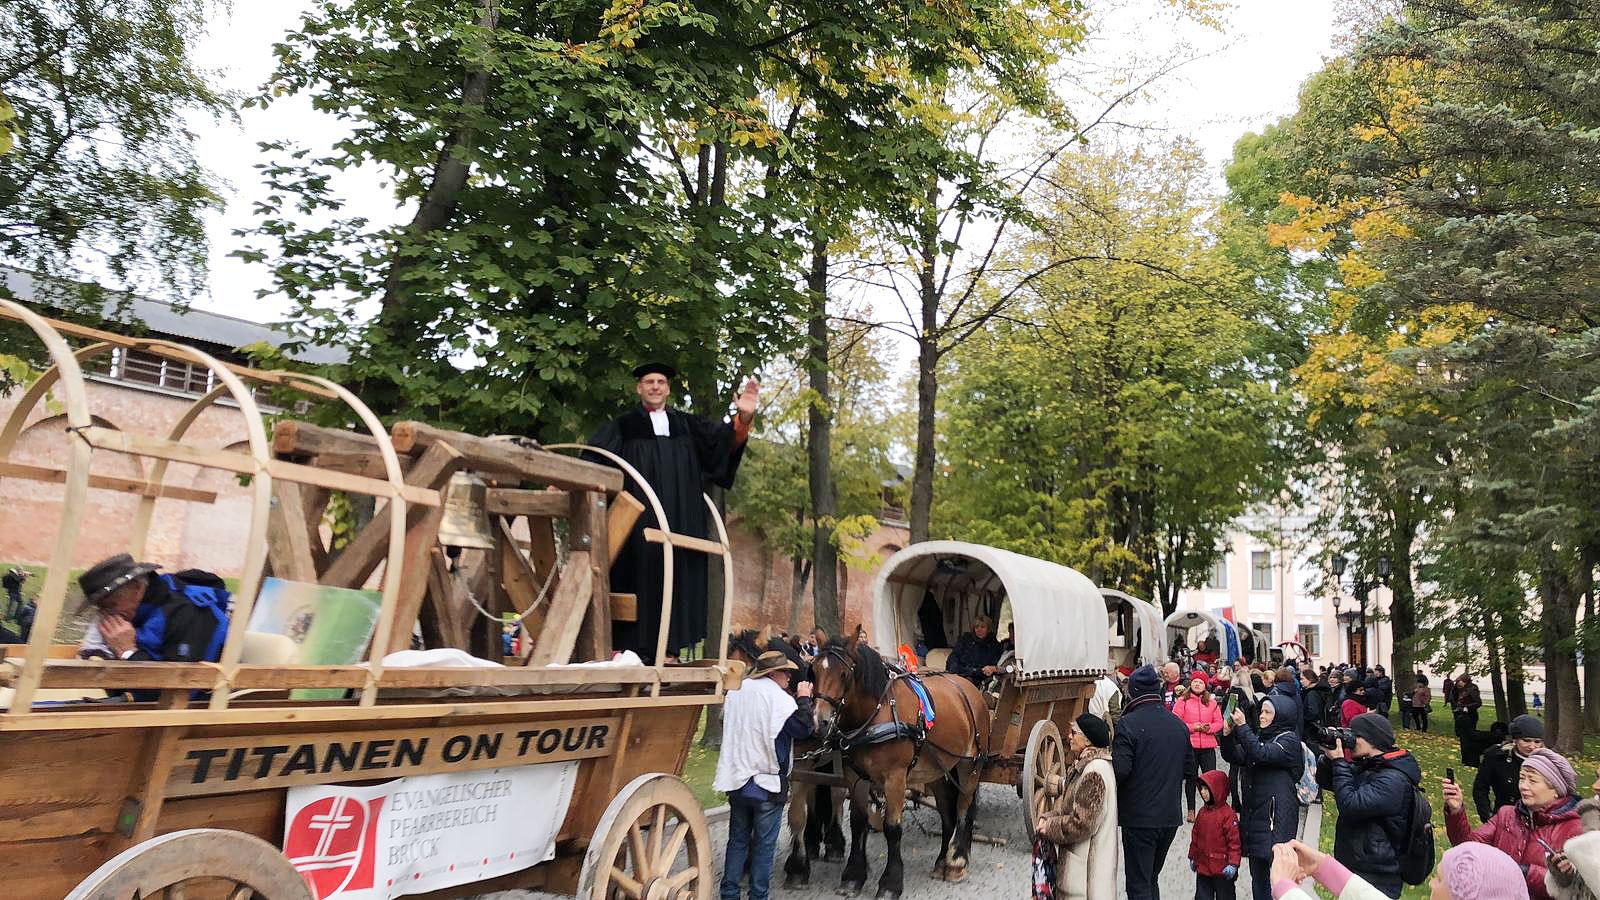 Die Glocke zieht ein - Titanen on tour in Weliki Nowgorod